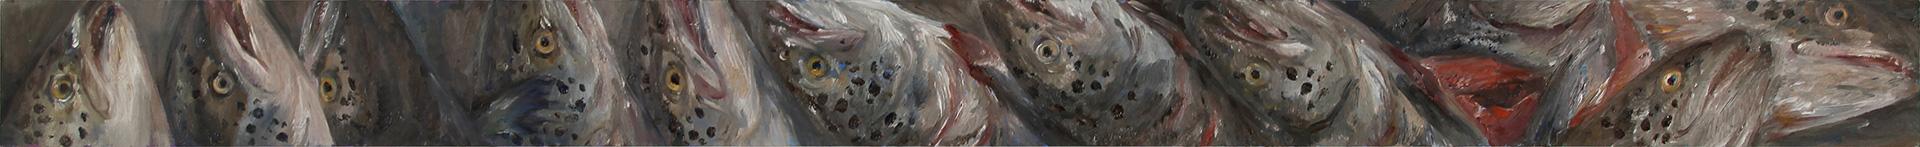 Lachskopffries (Auftakt), 2019, 130 x 10 cm, Öl auf MDF